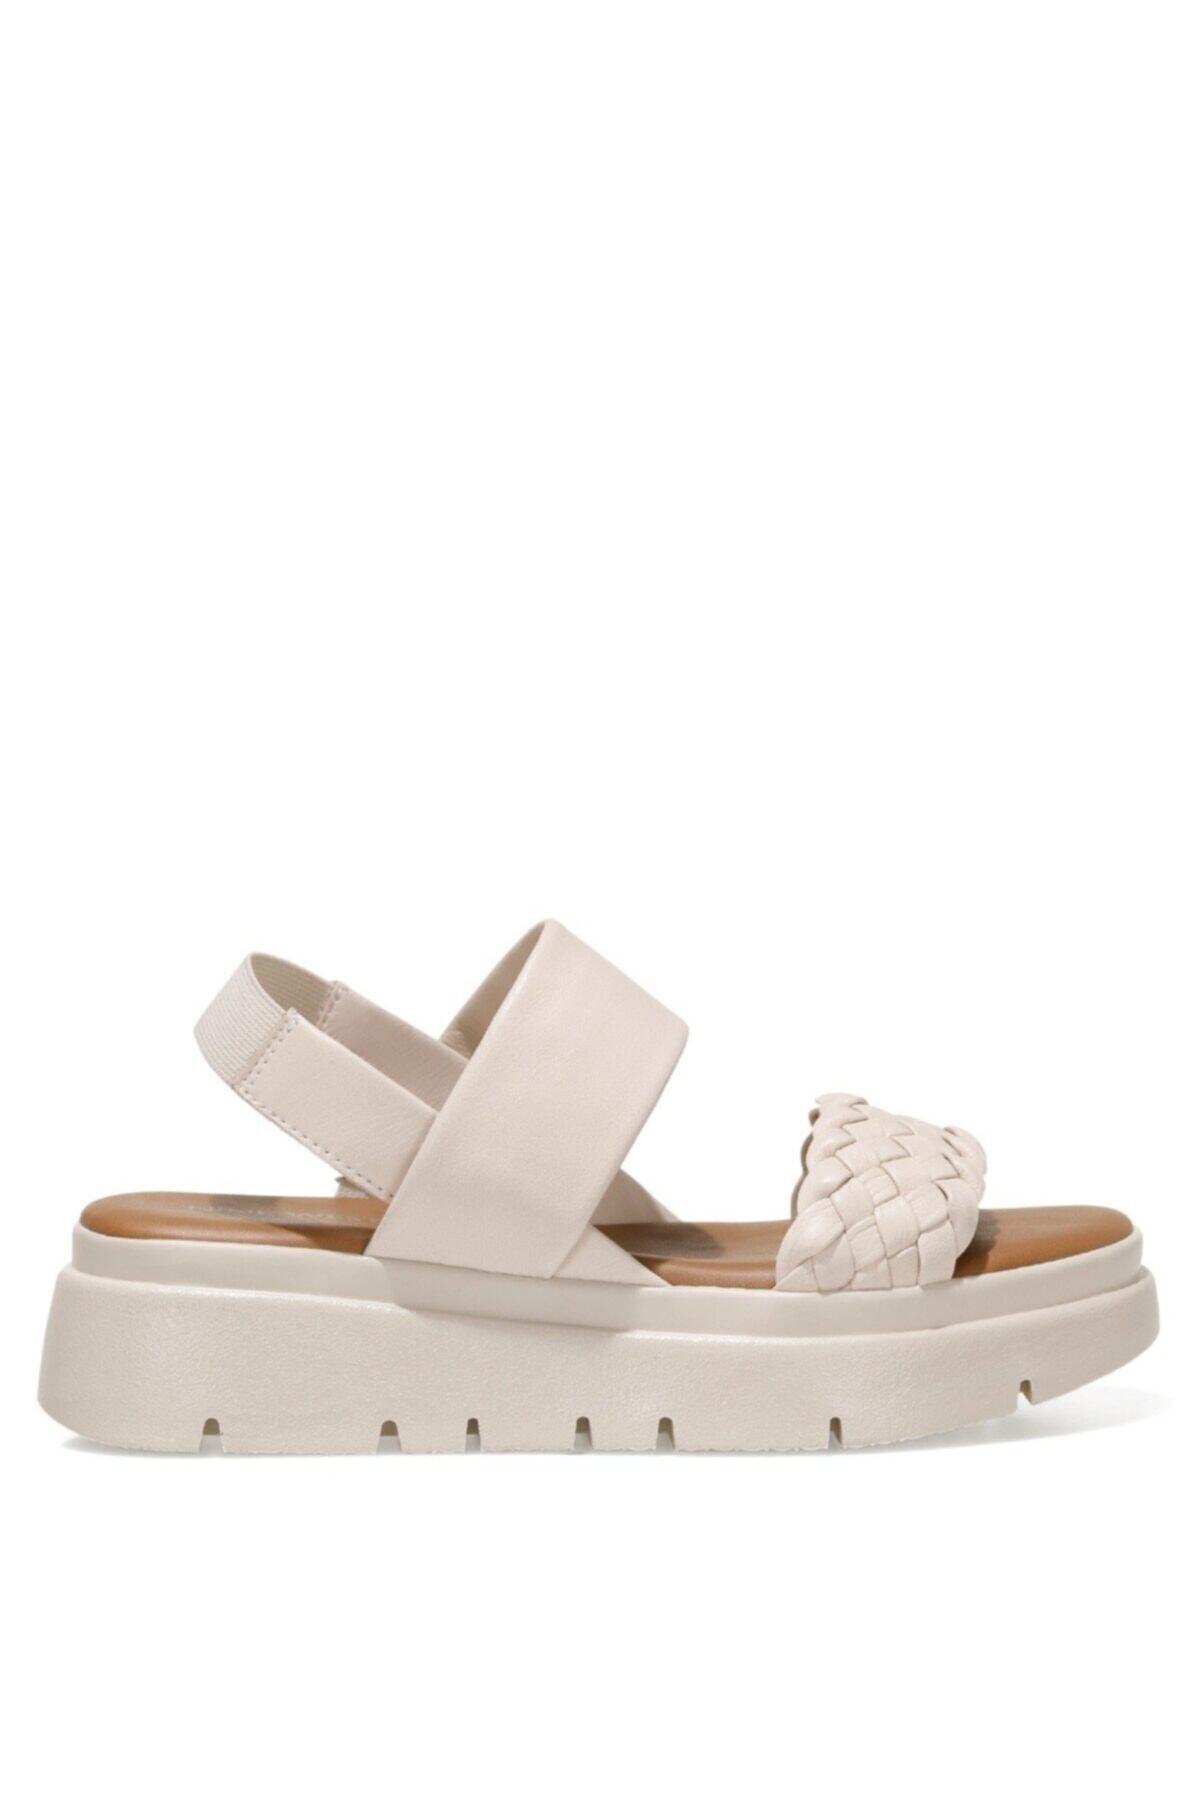 GUMMO 1FX Beyaz Kadın Sandalet 101028919